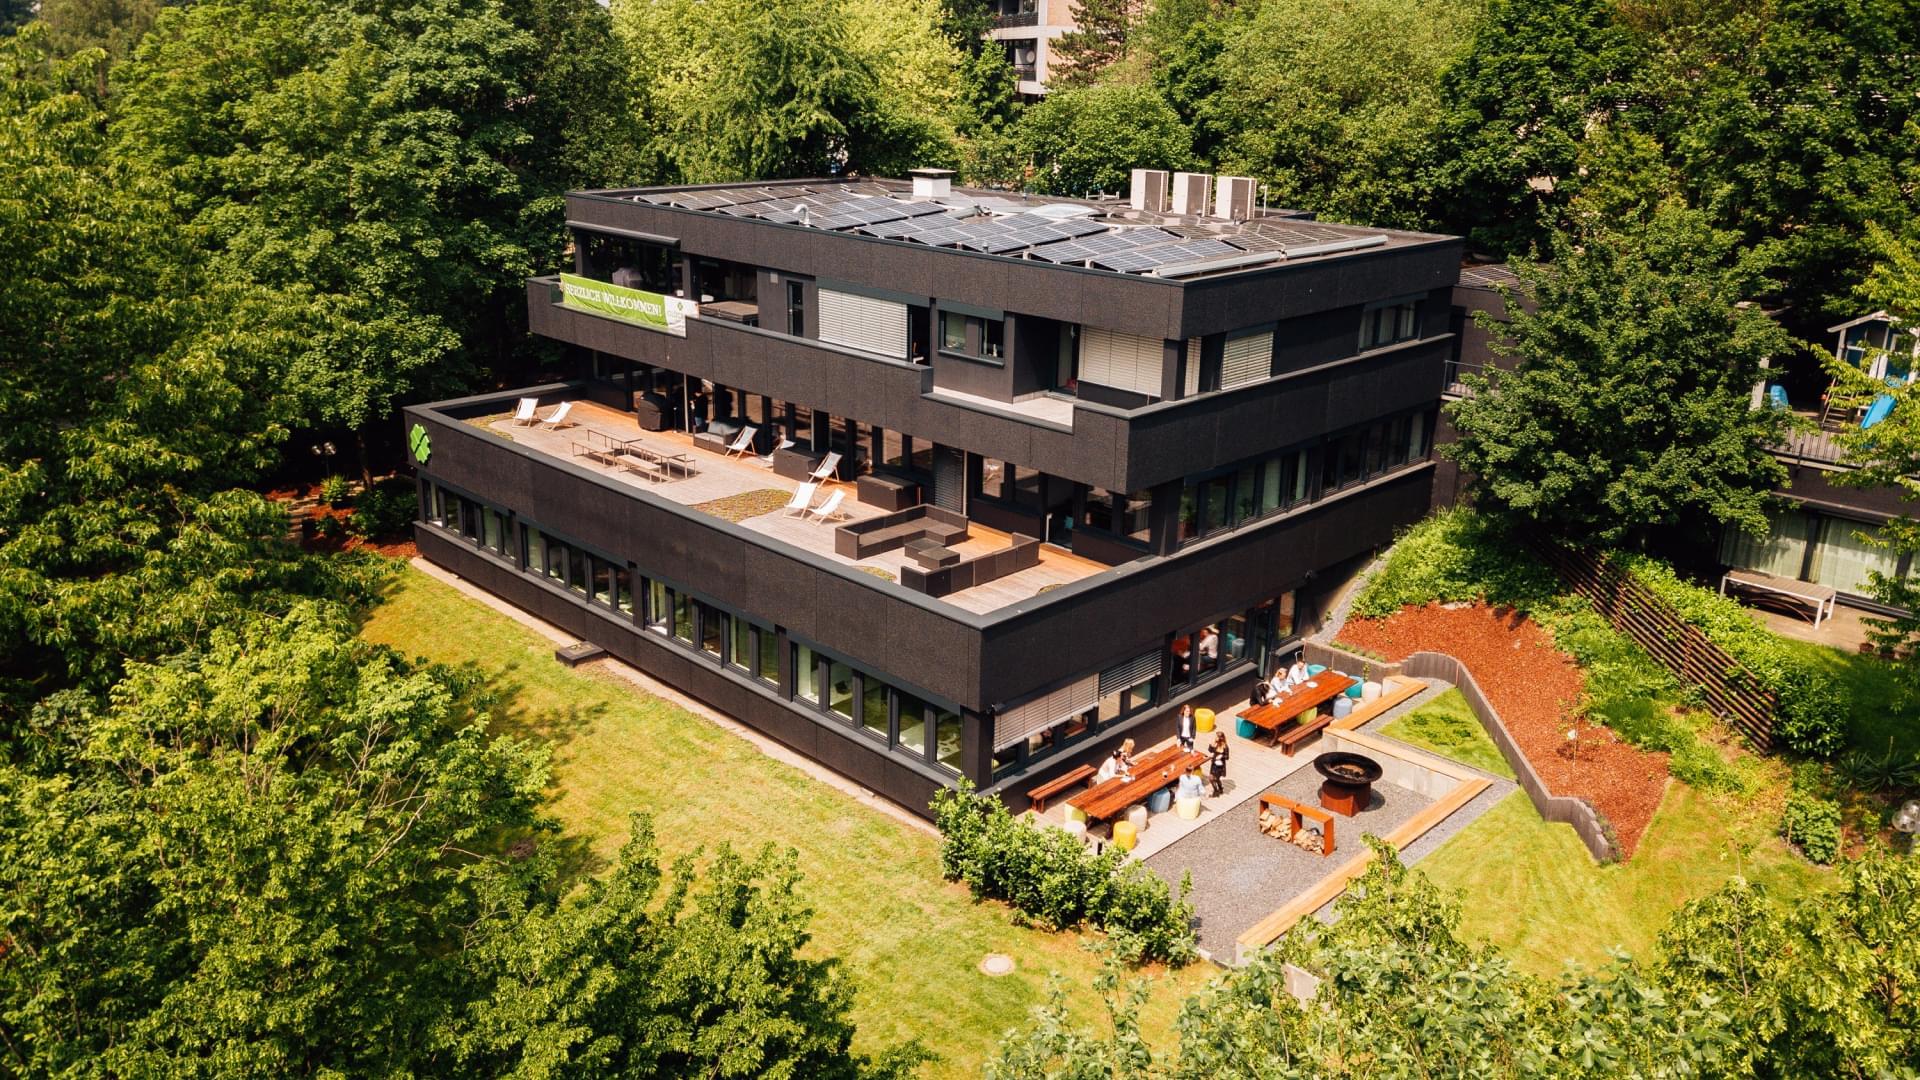 Büro Glück Auf Immobilien GmbH - Bild 02